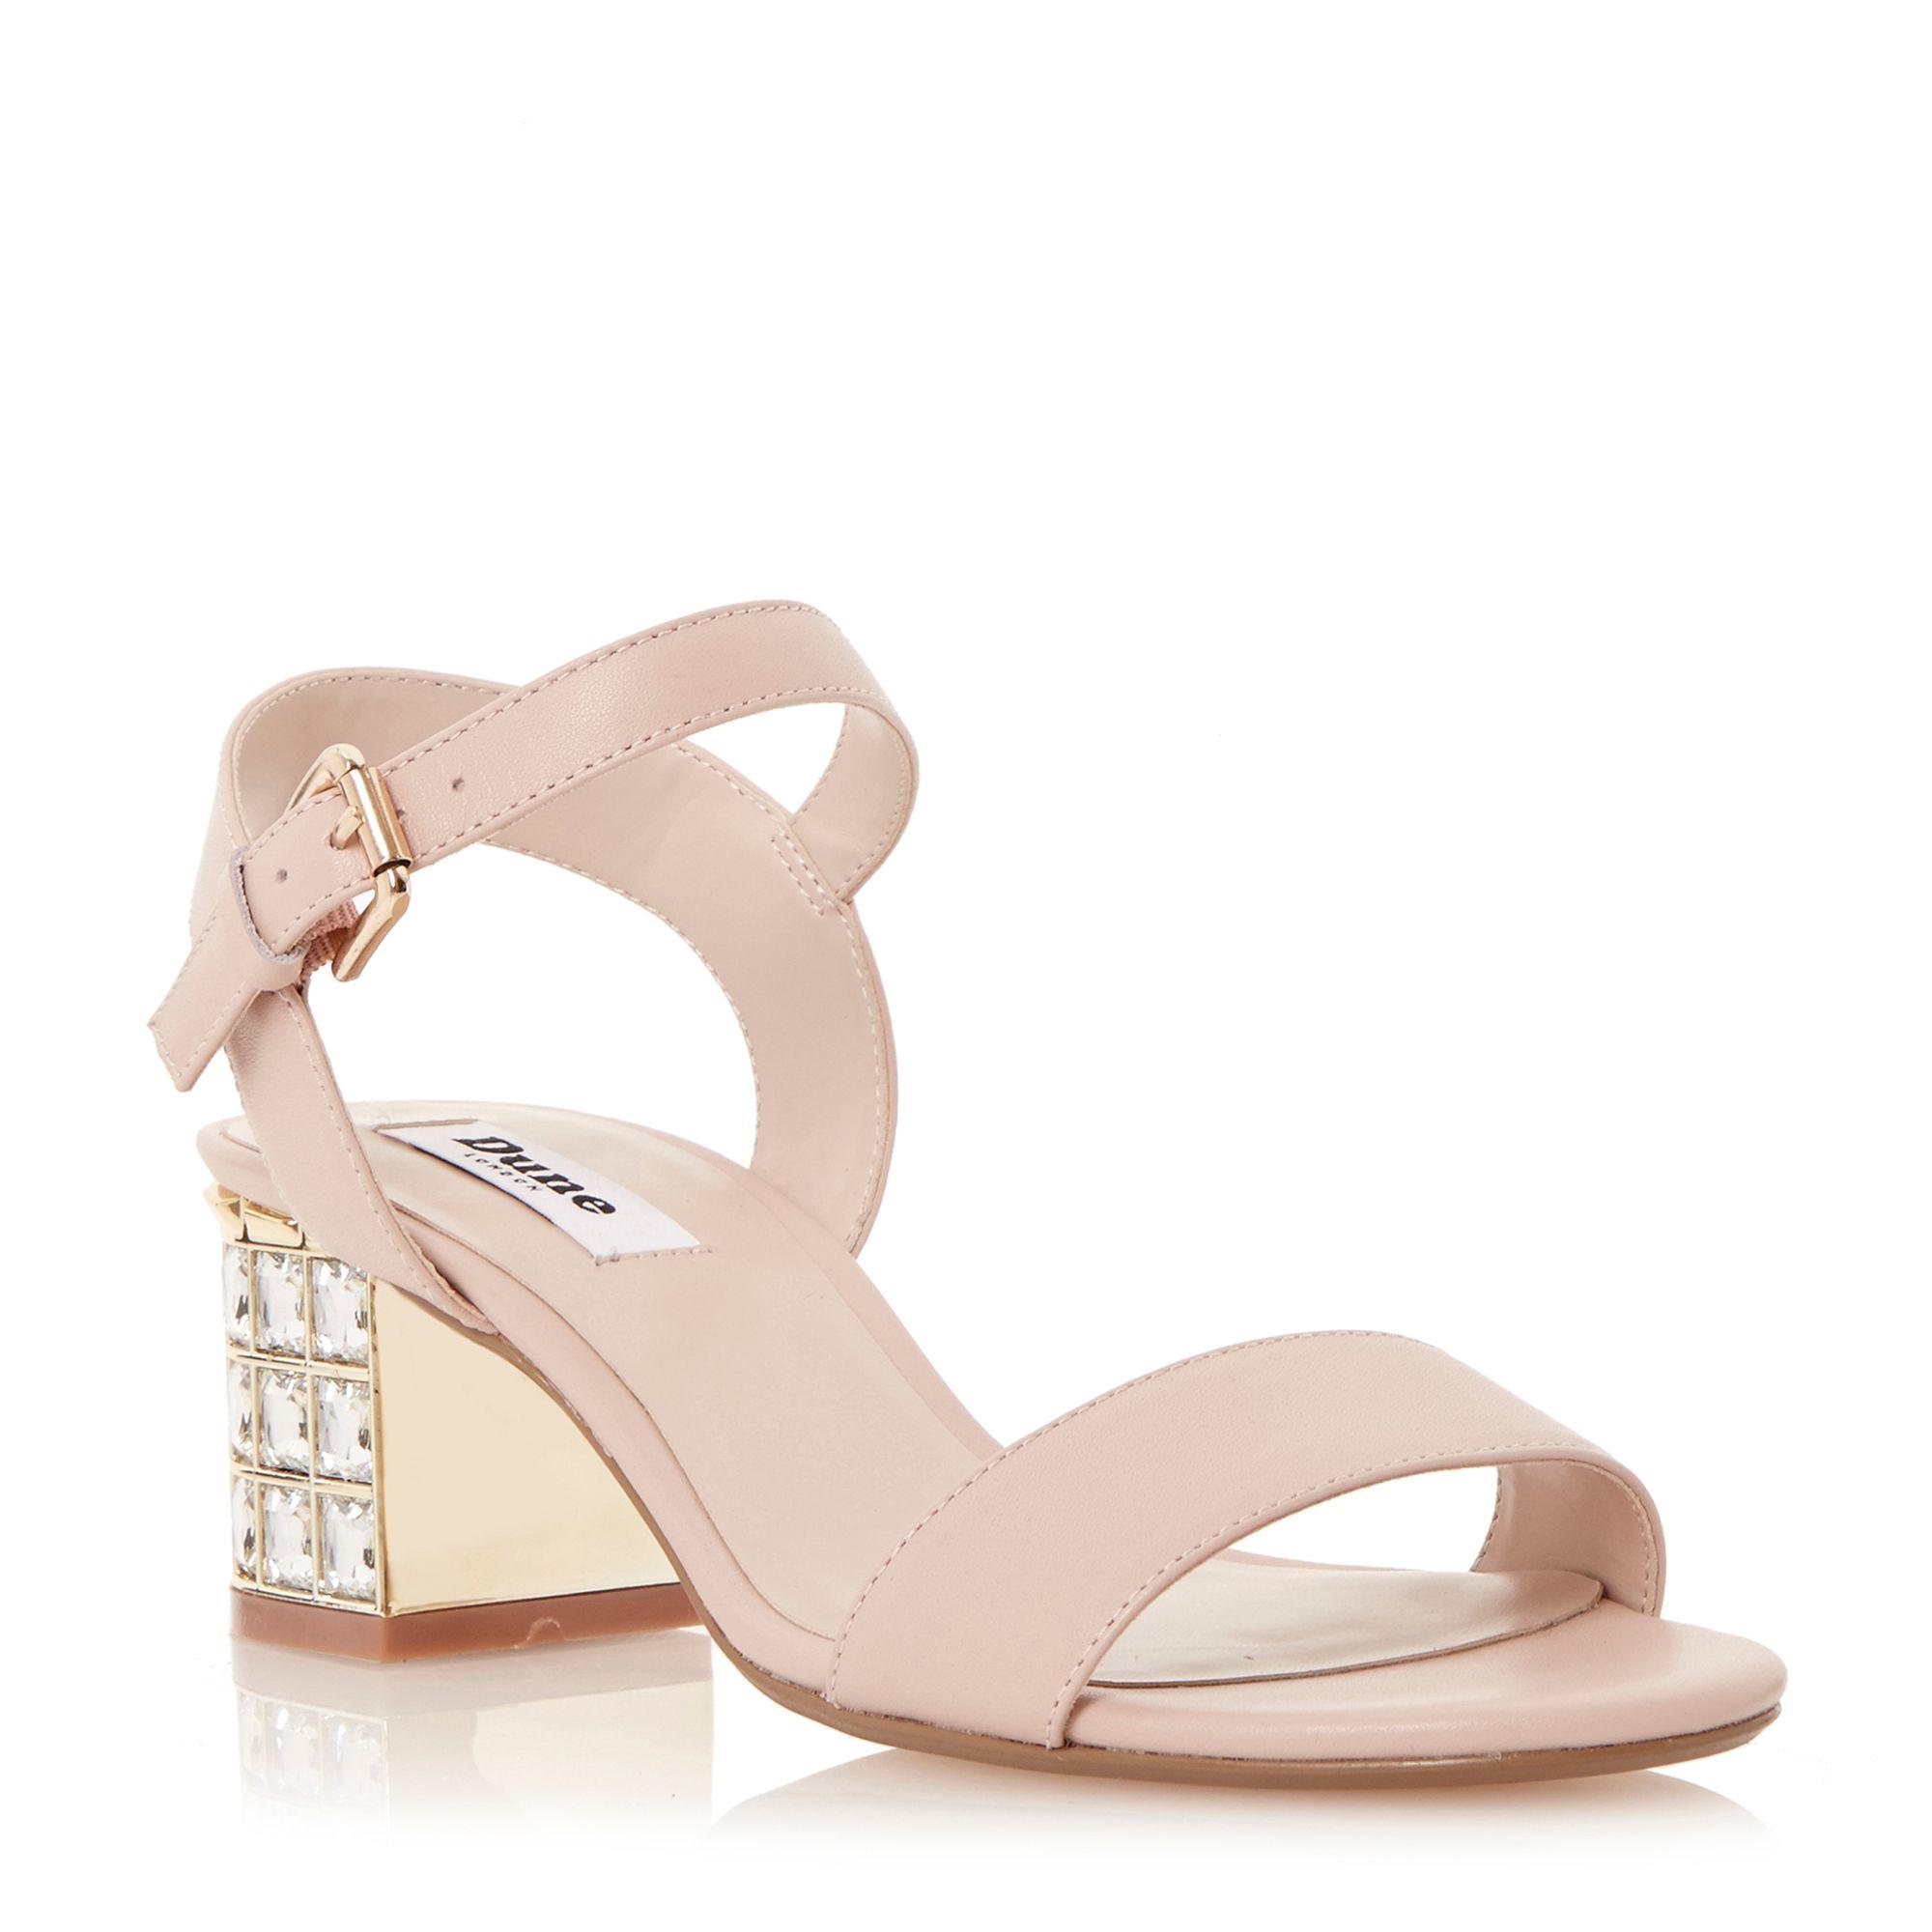 Dune Harah Suede Jewelled Block Heel Sandals in Pink   Lyst